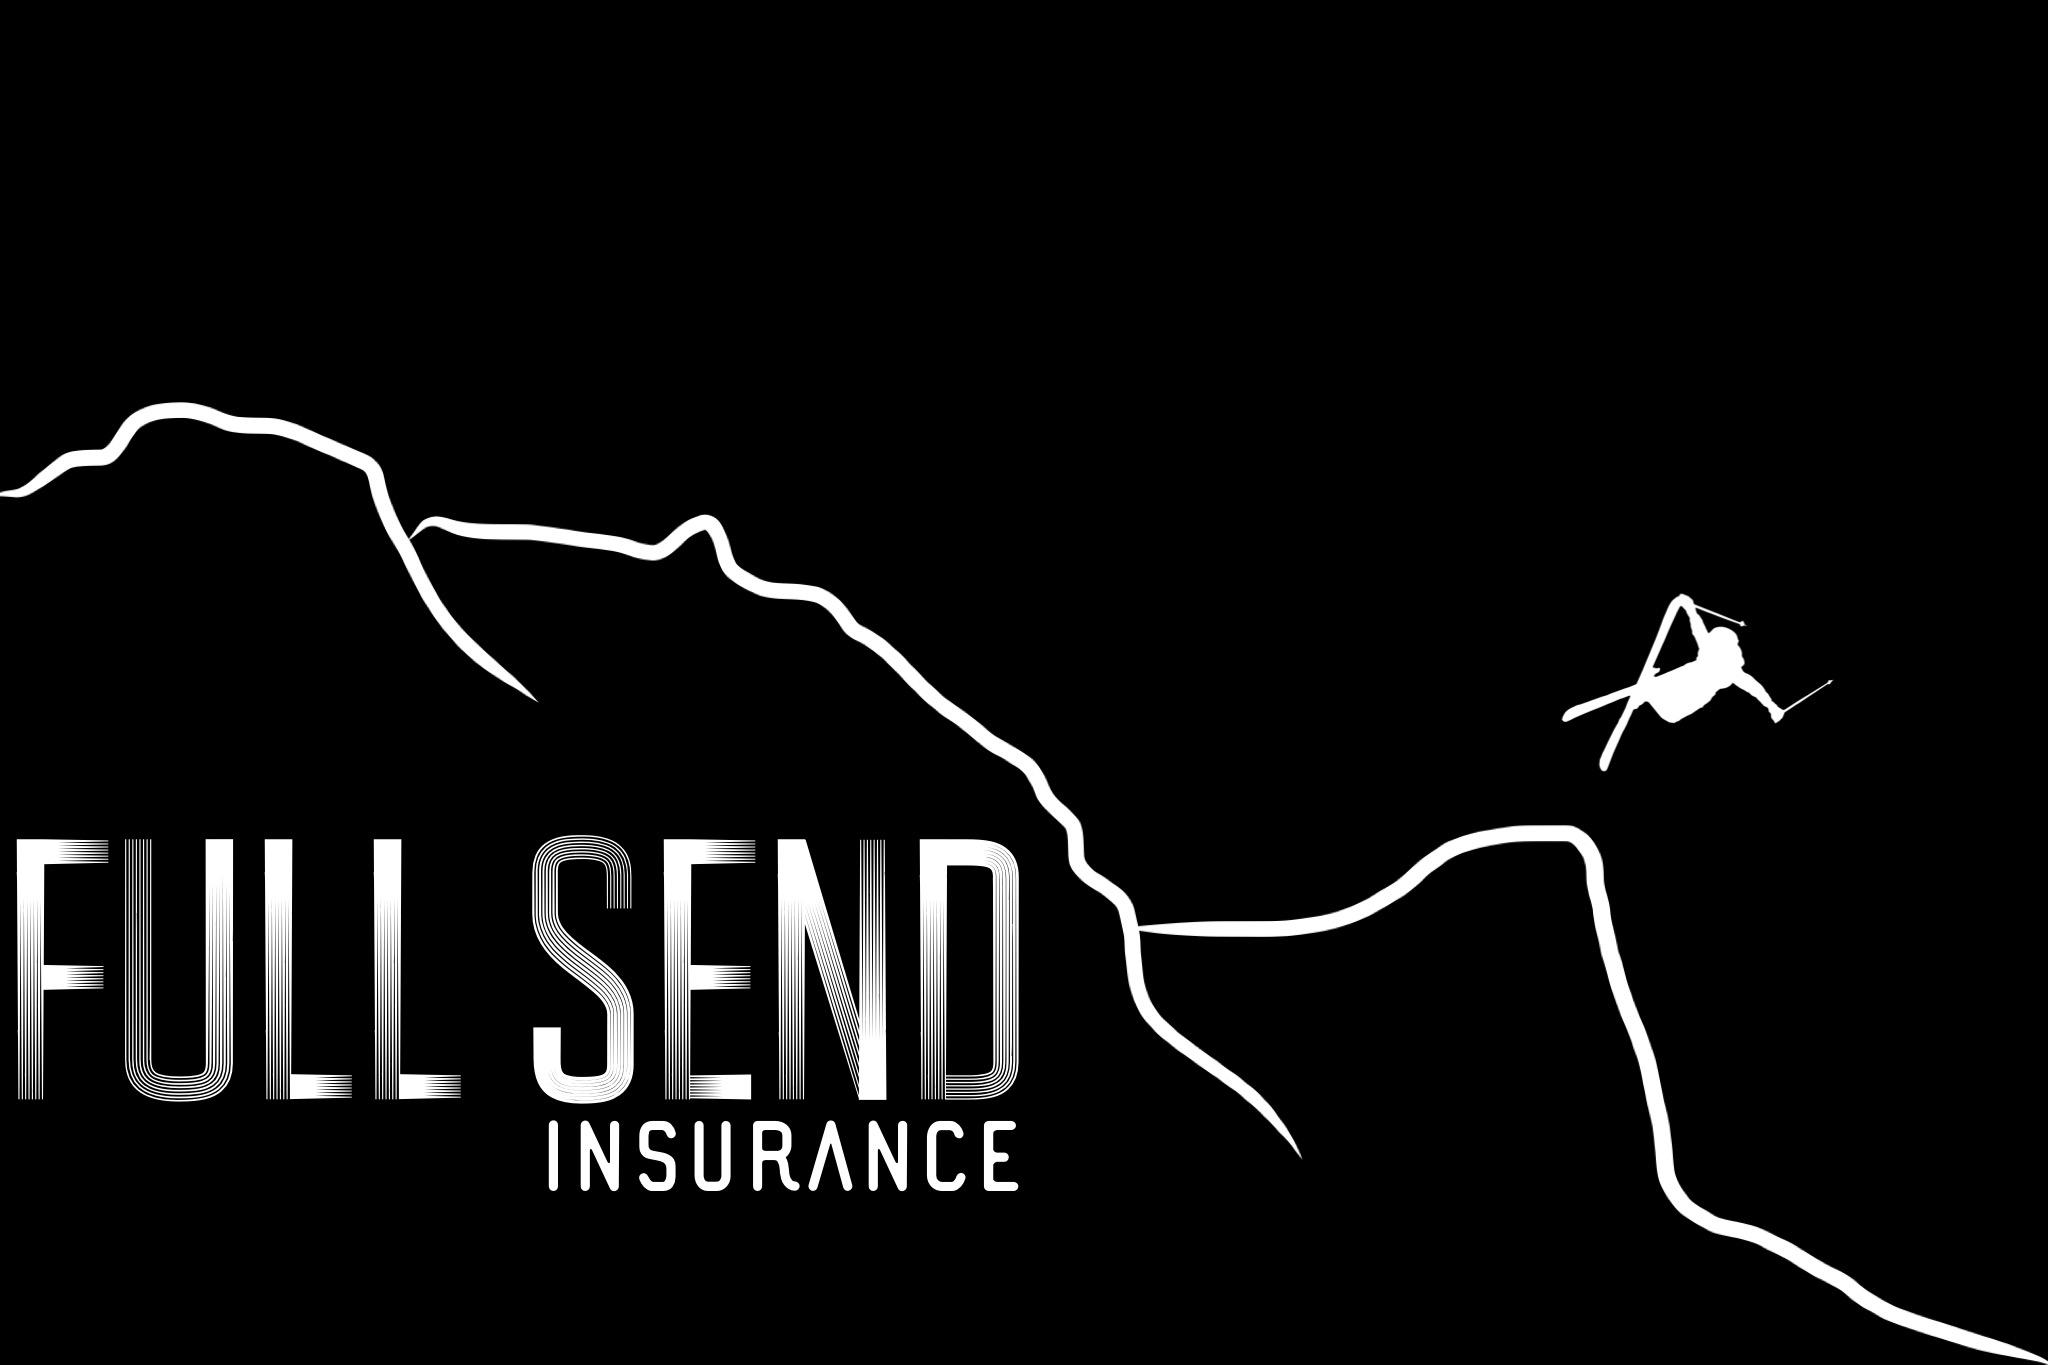 full send insurance logo design